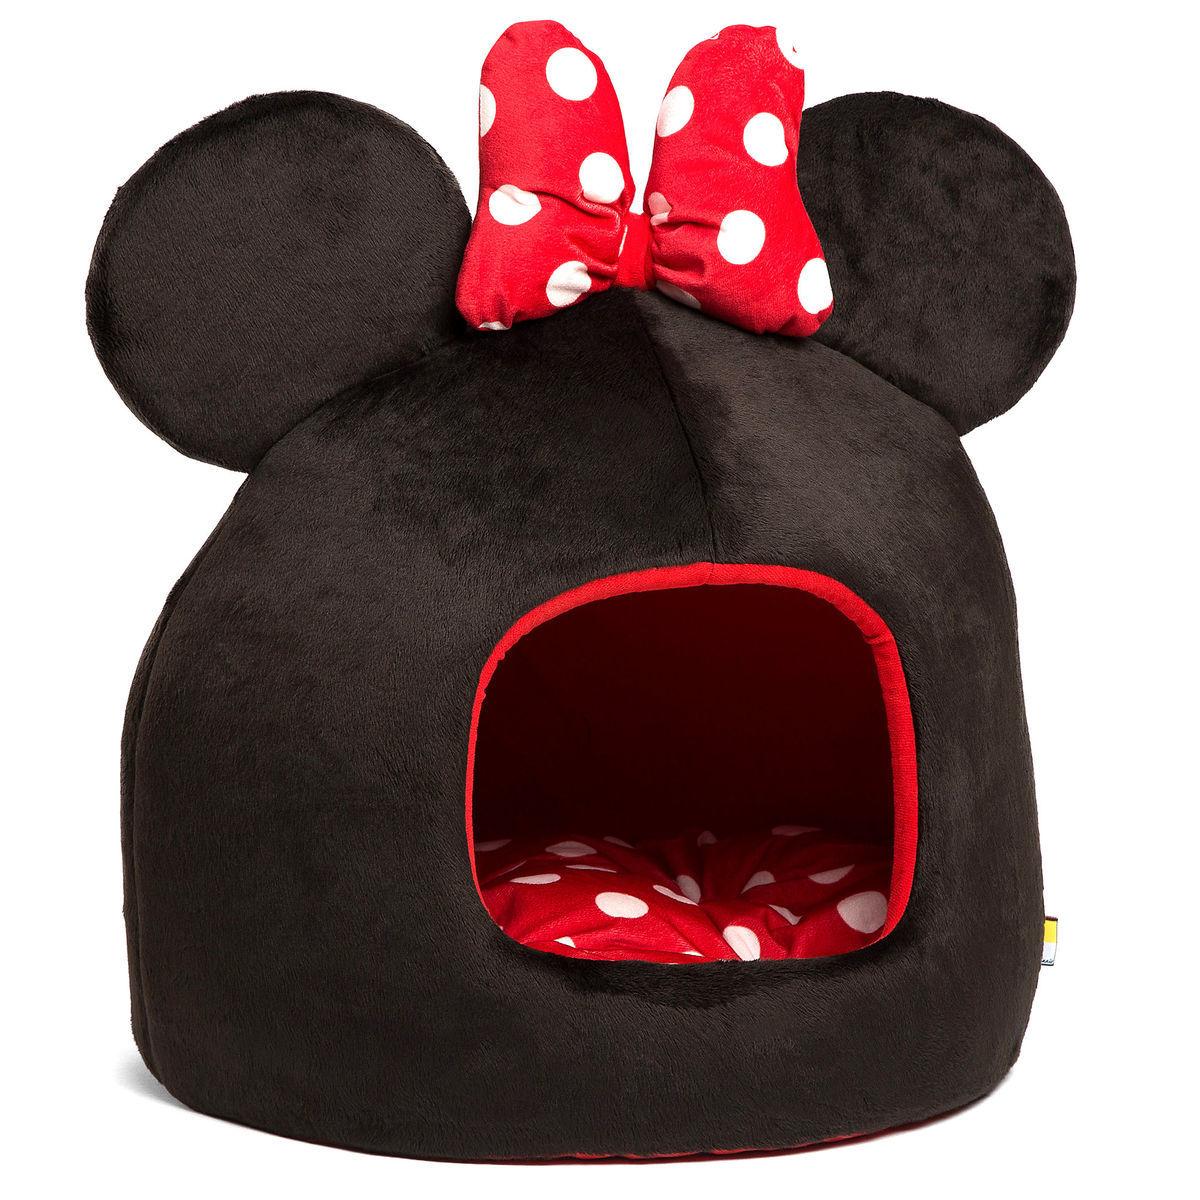 Minnie Mouse Pet Dome Shopdisney